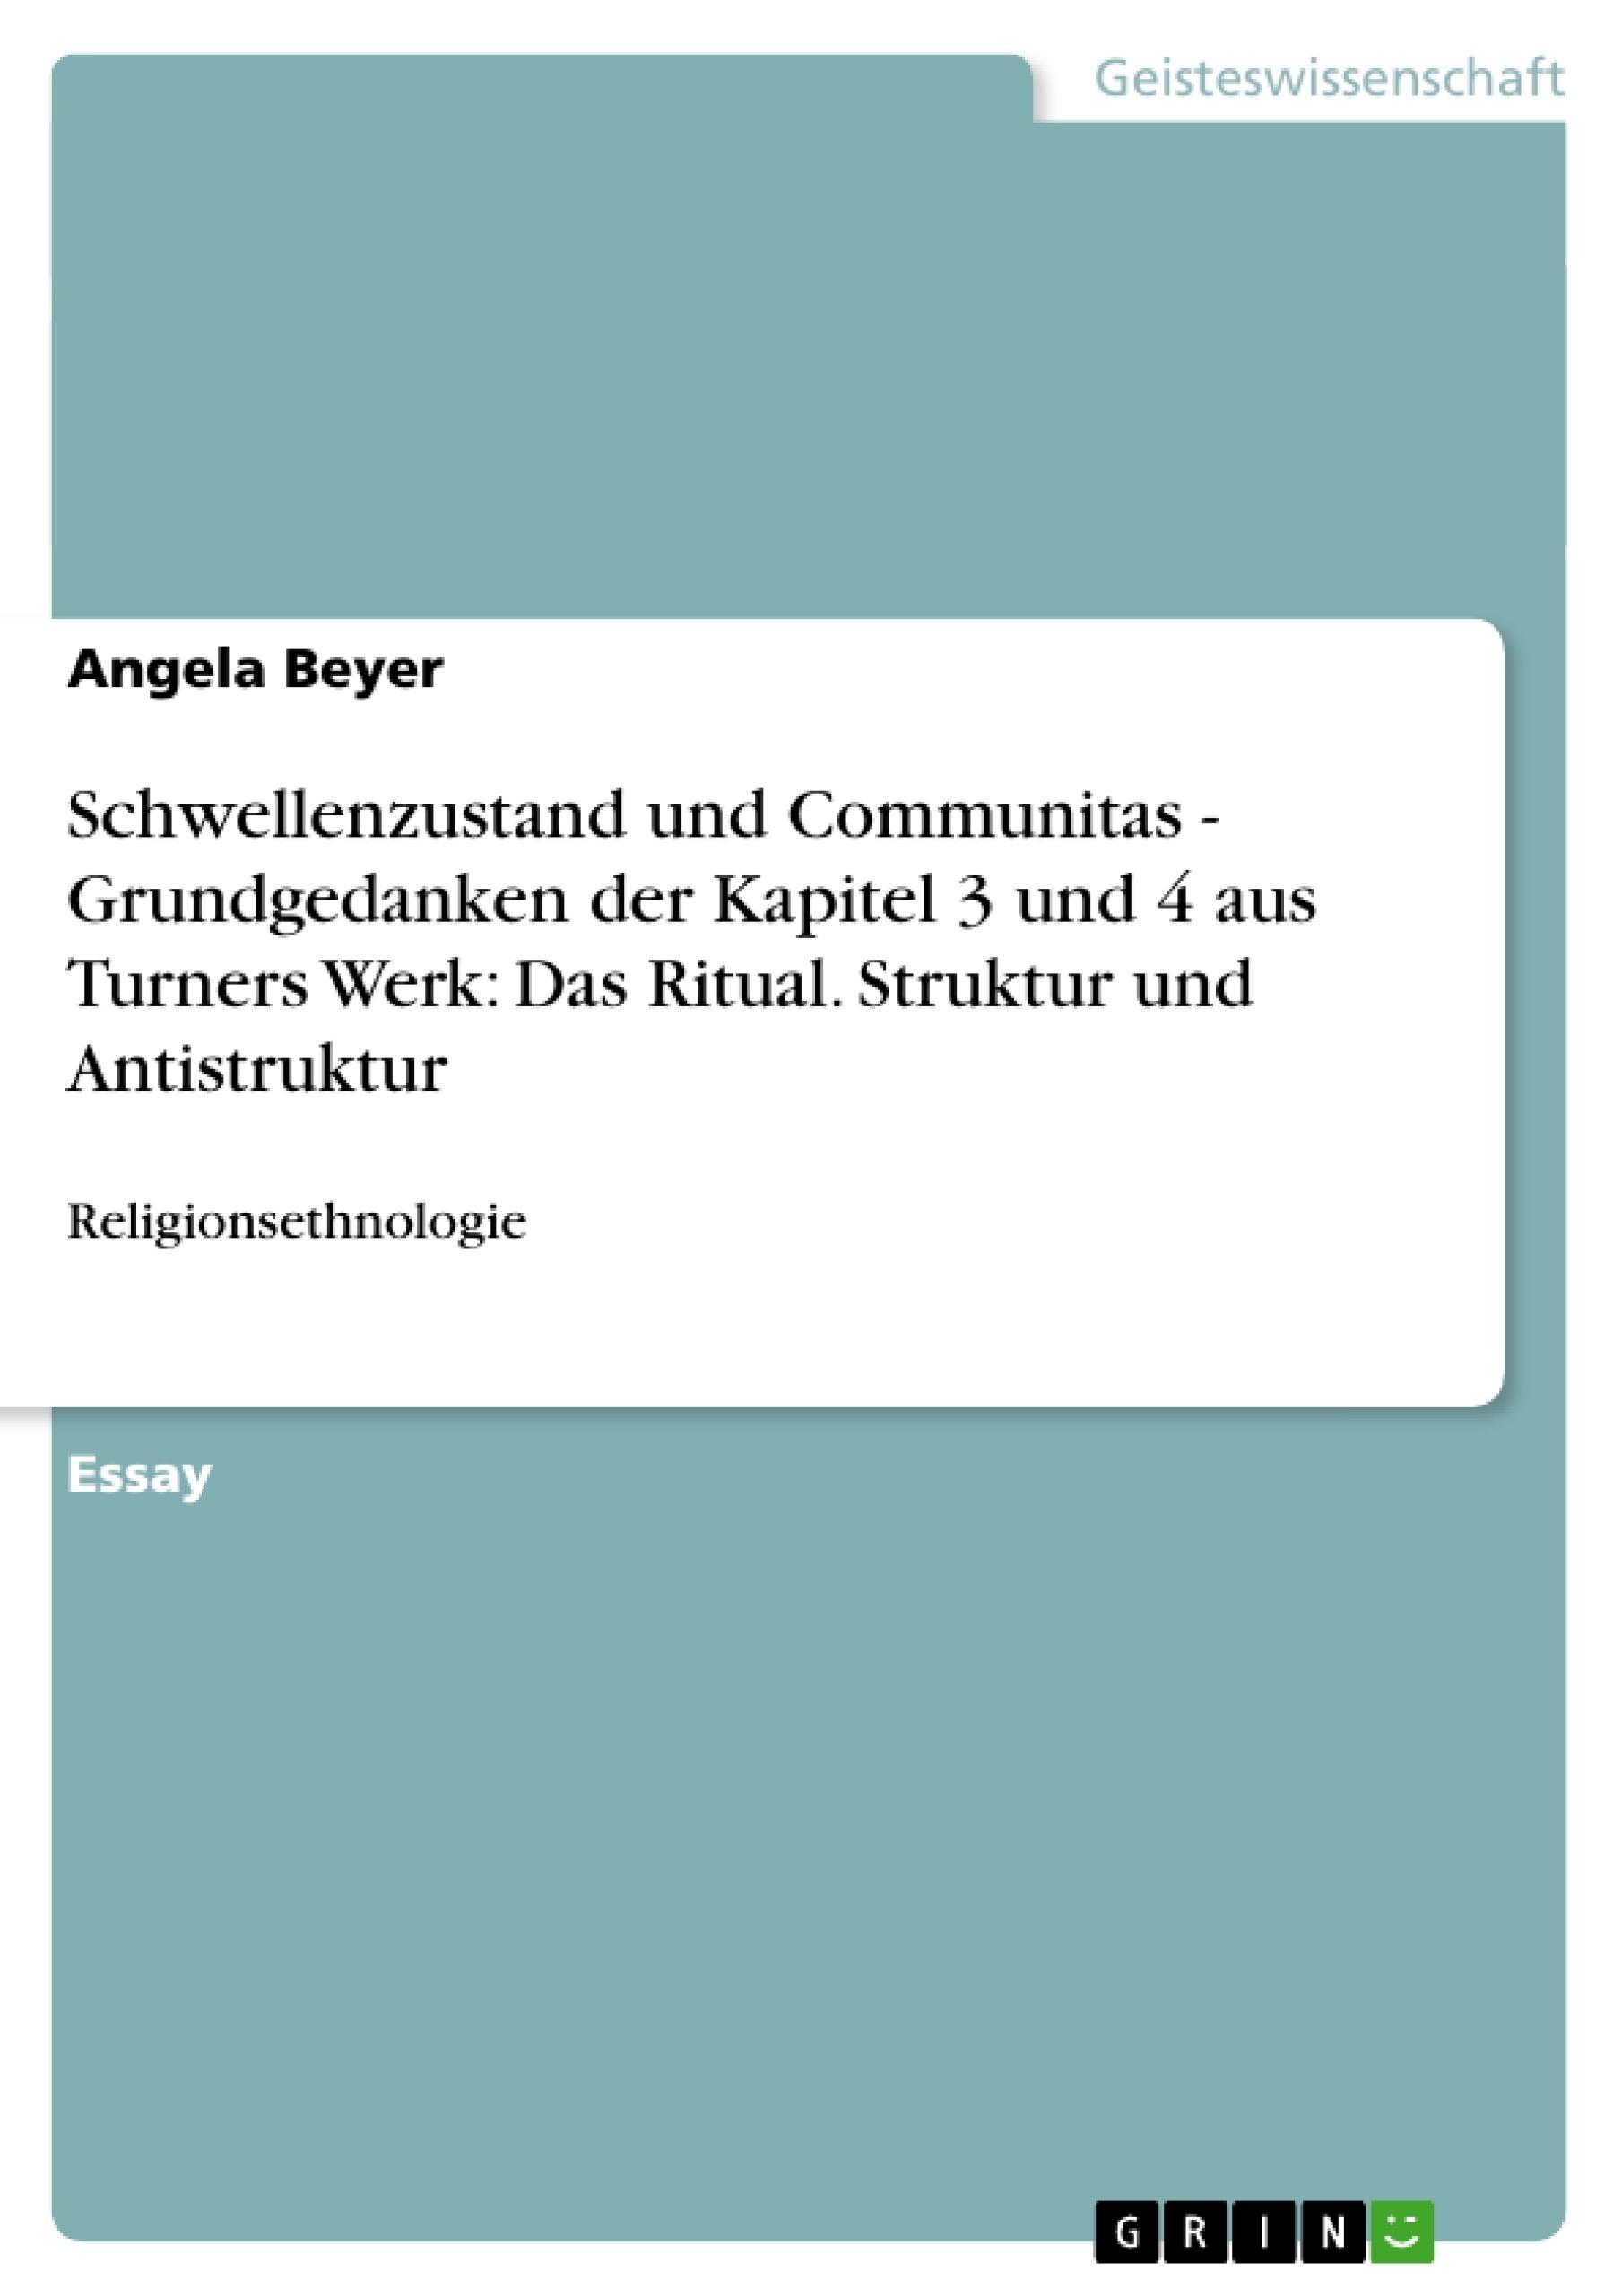 Titel: Schwellenzustand und Communitas - Grundgedanken der Kapitel 3 und 4 aus Turners Werk: Das Ritual. Struktur und Antistruktur